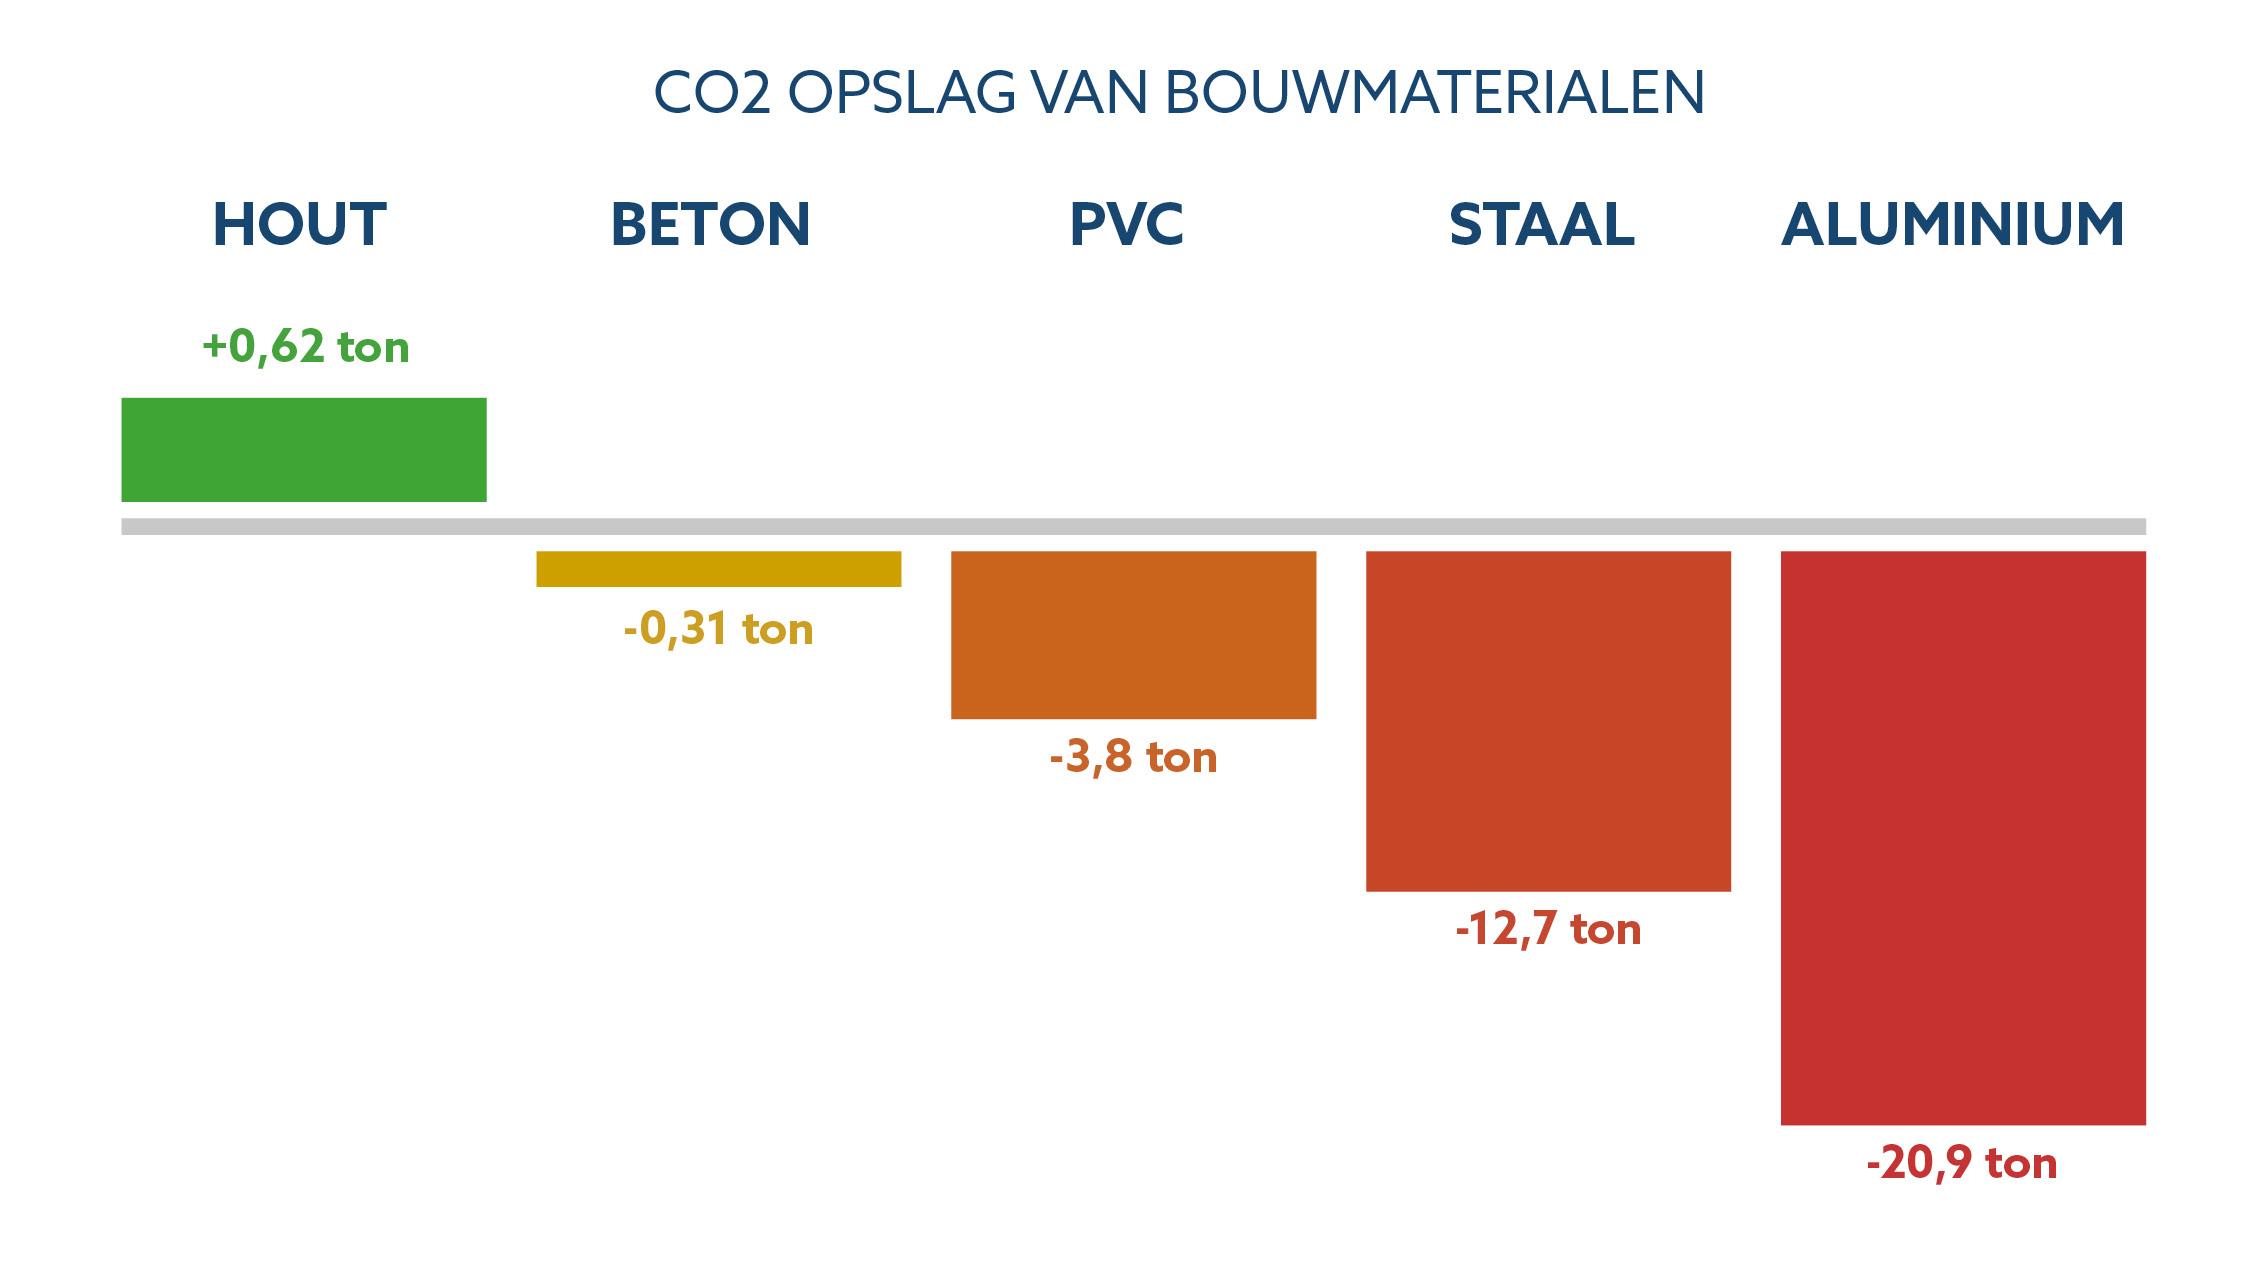 Emissievrij Bouwen Co2 Impact Van Bouwmaterialen